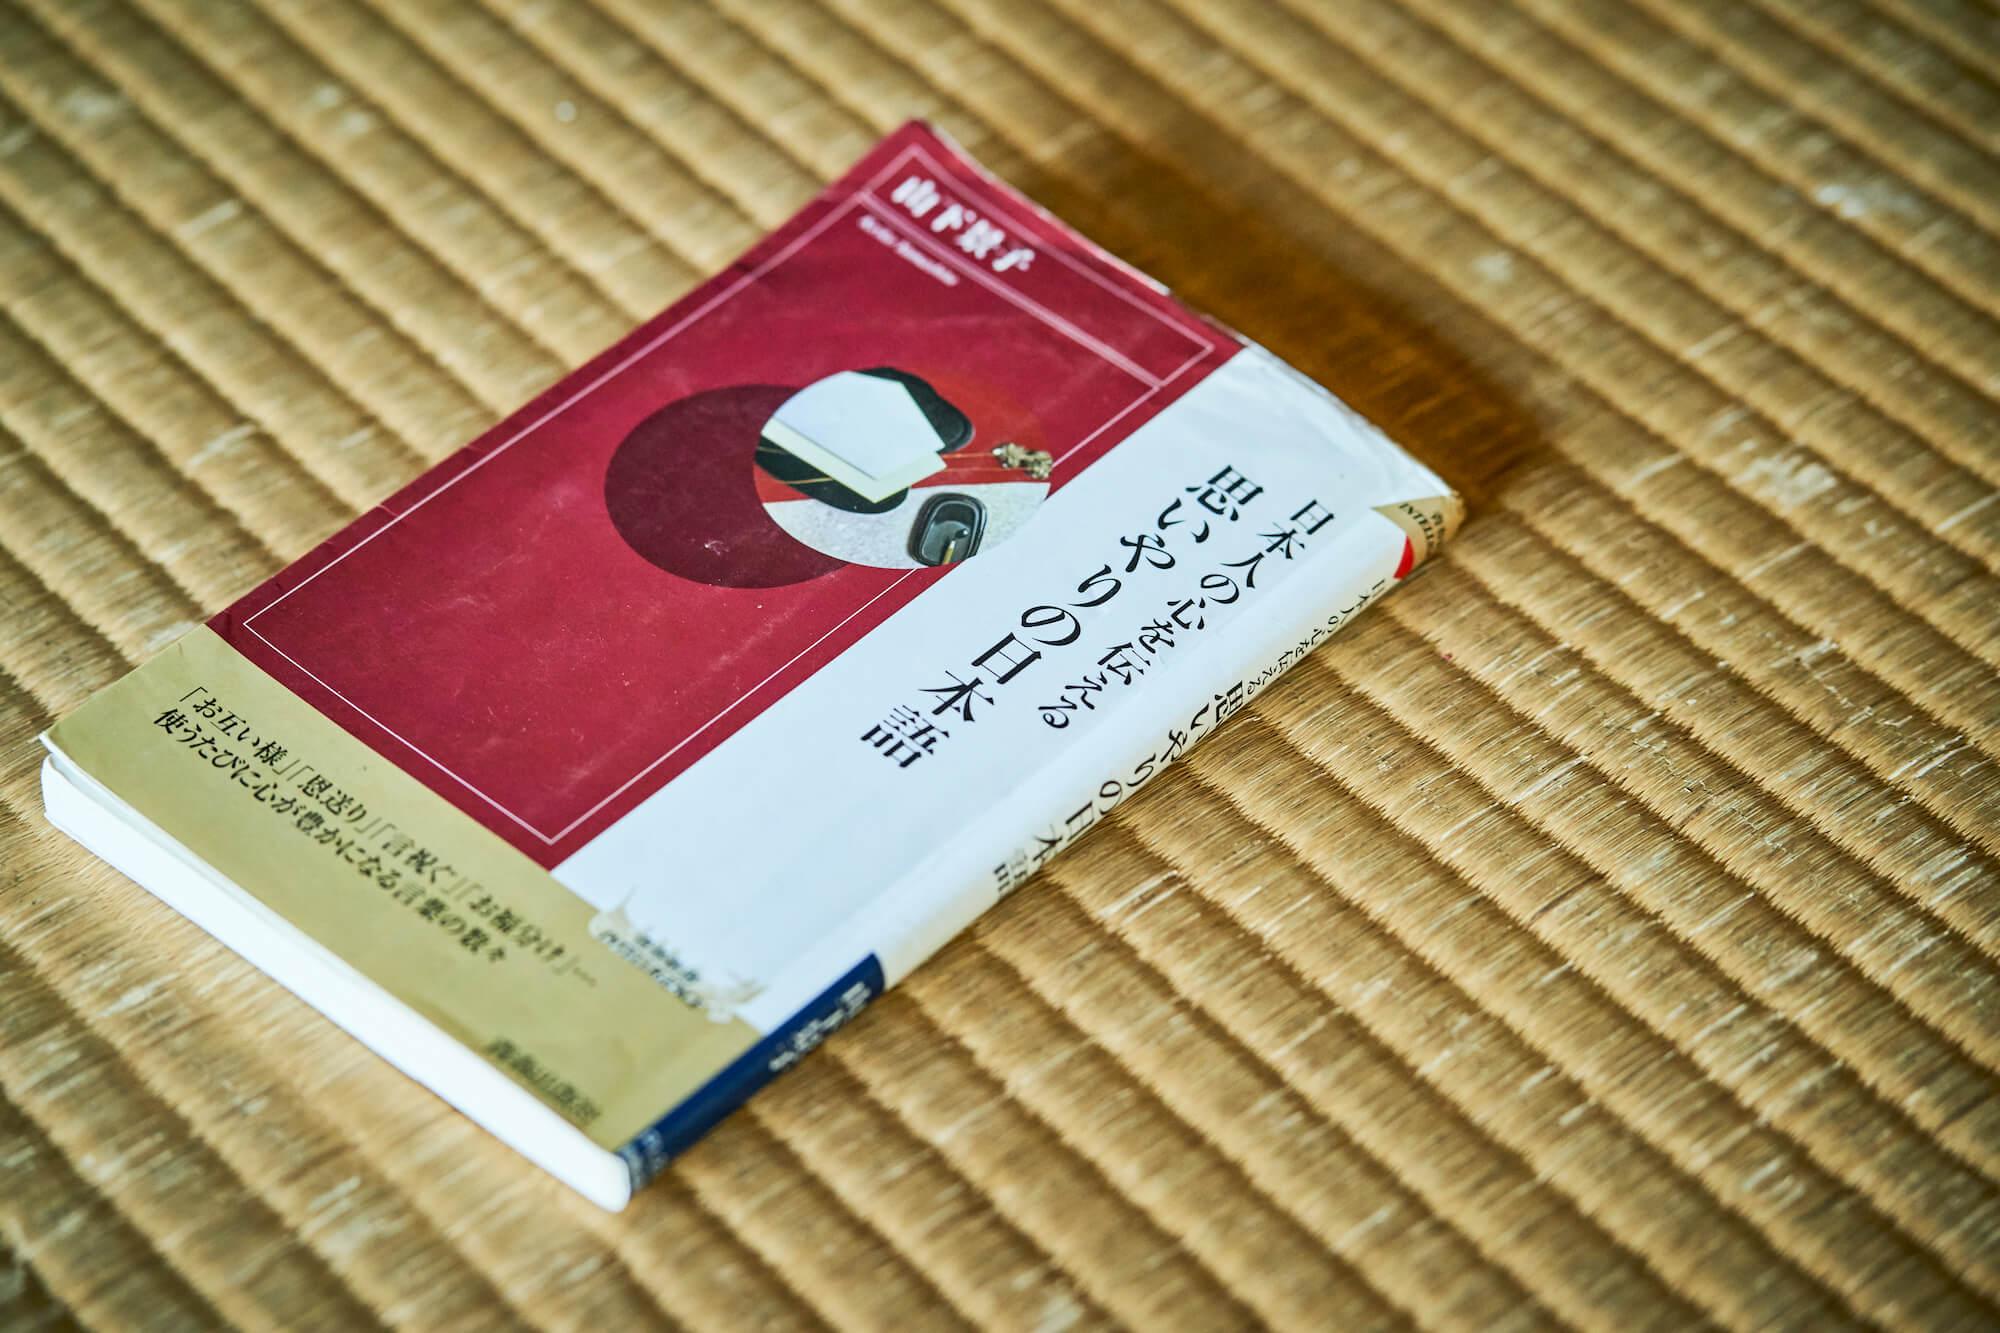 日本人の心を伝える 思いやりの日本語,青春新書,山下景子